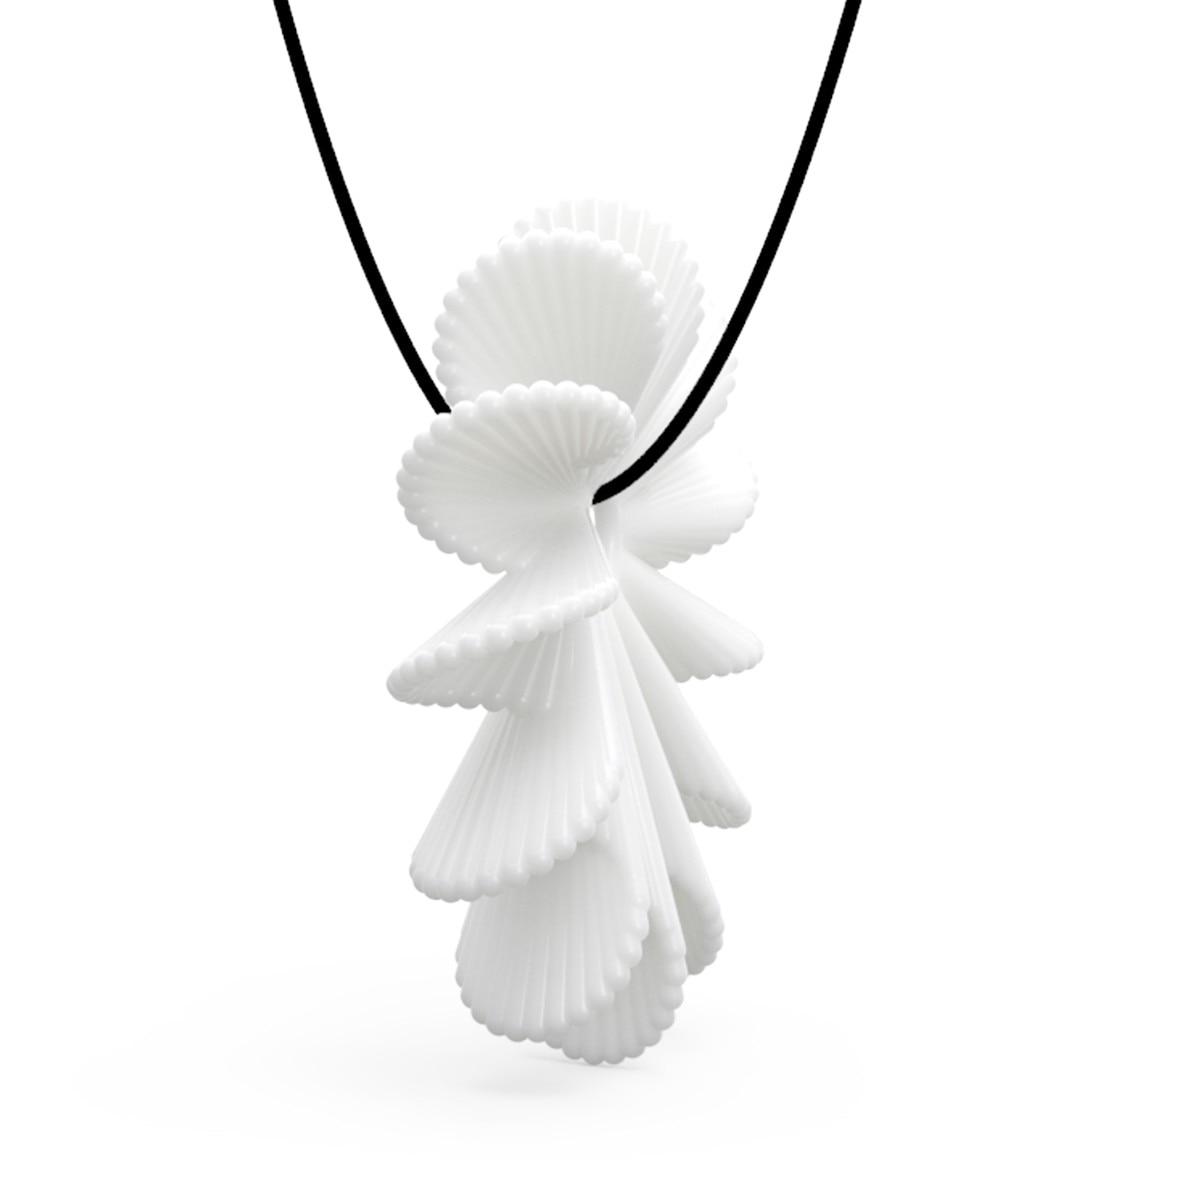 Tooarts Tomfeel Bijuterii imprimate 3D Înflorit Floare Modelare - Decoratiune interioara - Fotografie 3